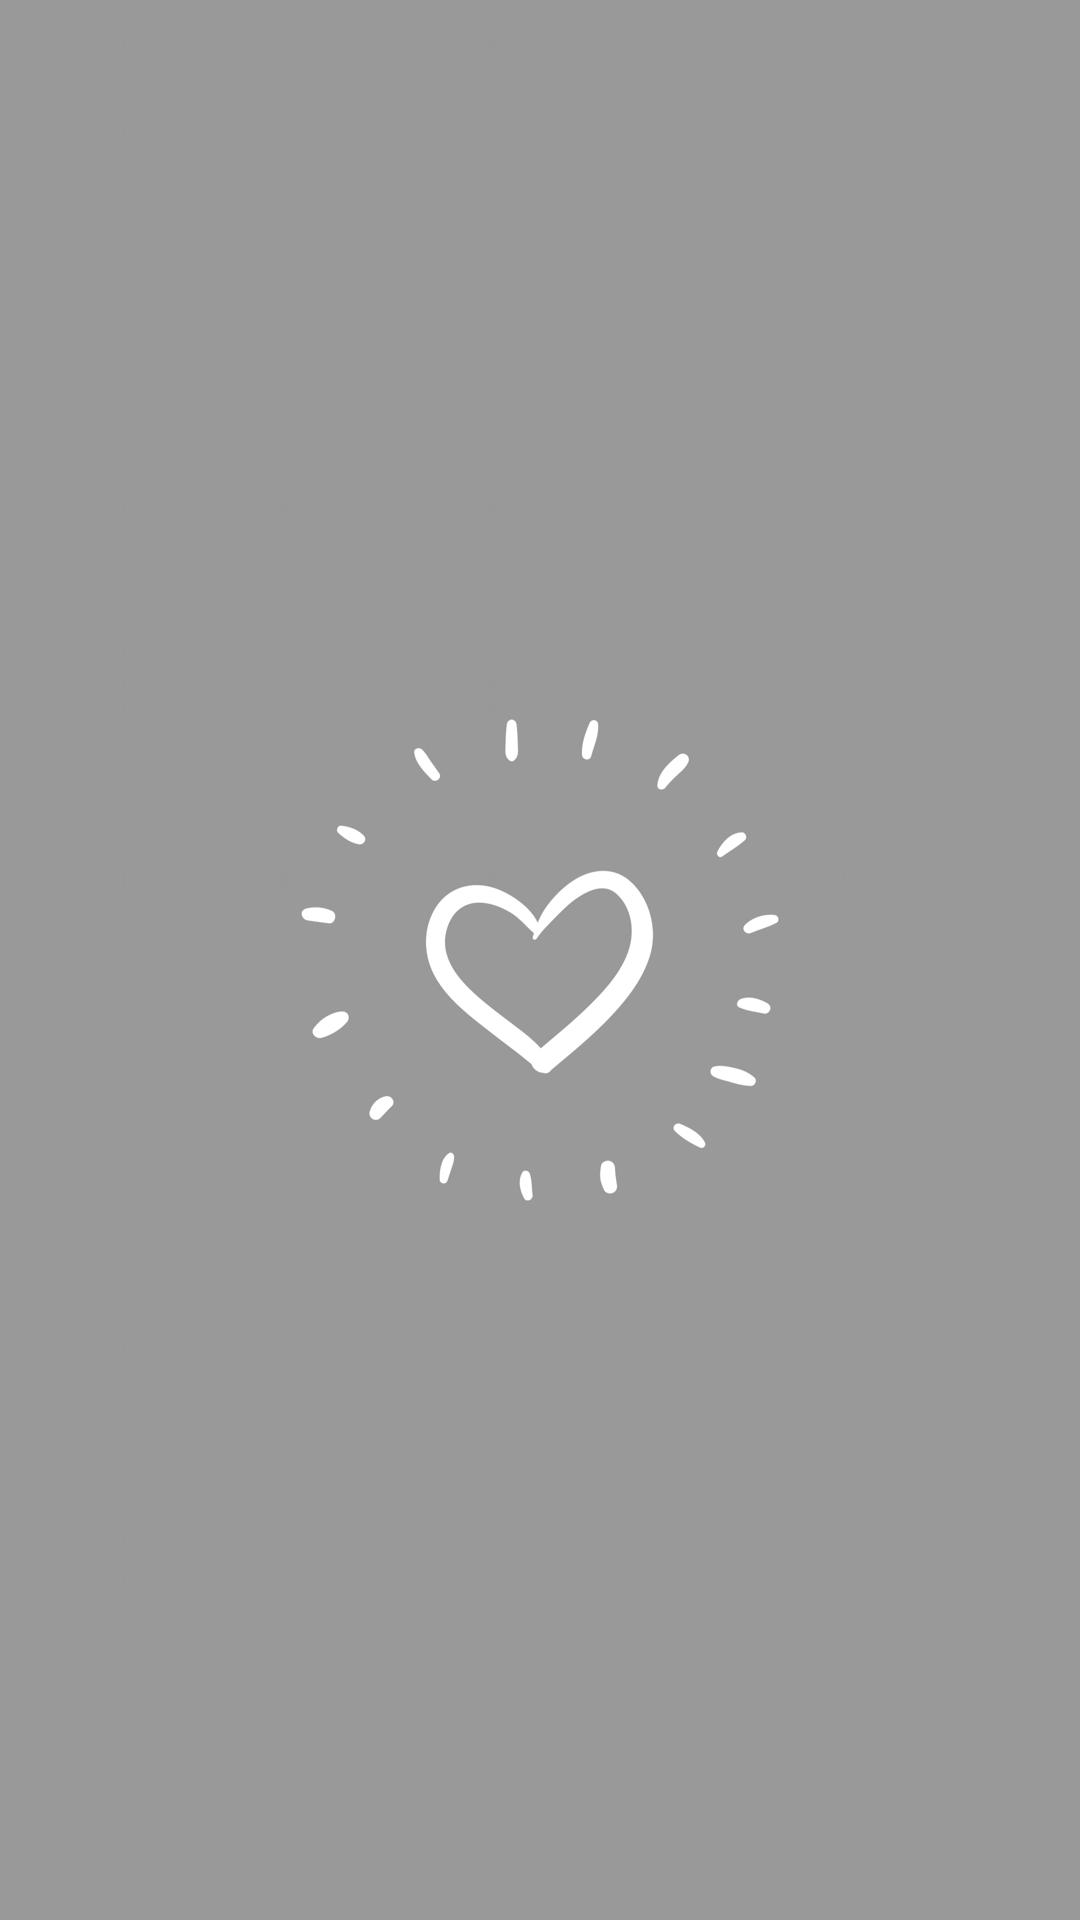 Grey Contemporary Wallpaper Ios Instagram Wallpaper Grey Wallpaper Iphone Decent Wallpapers